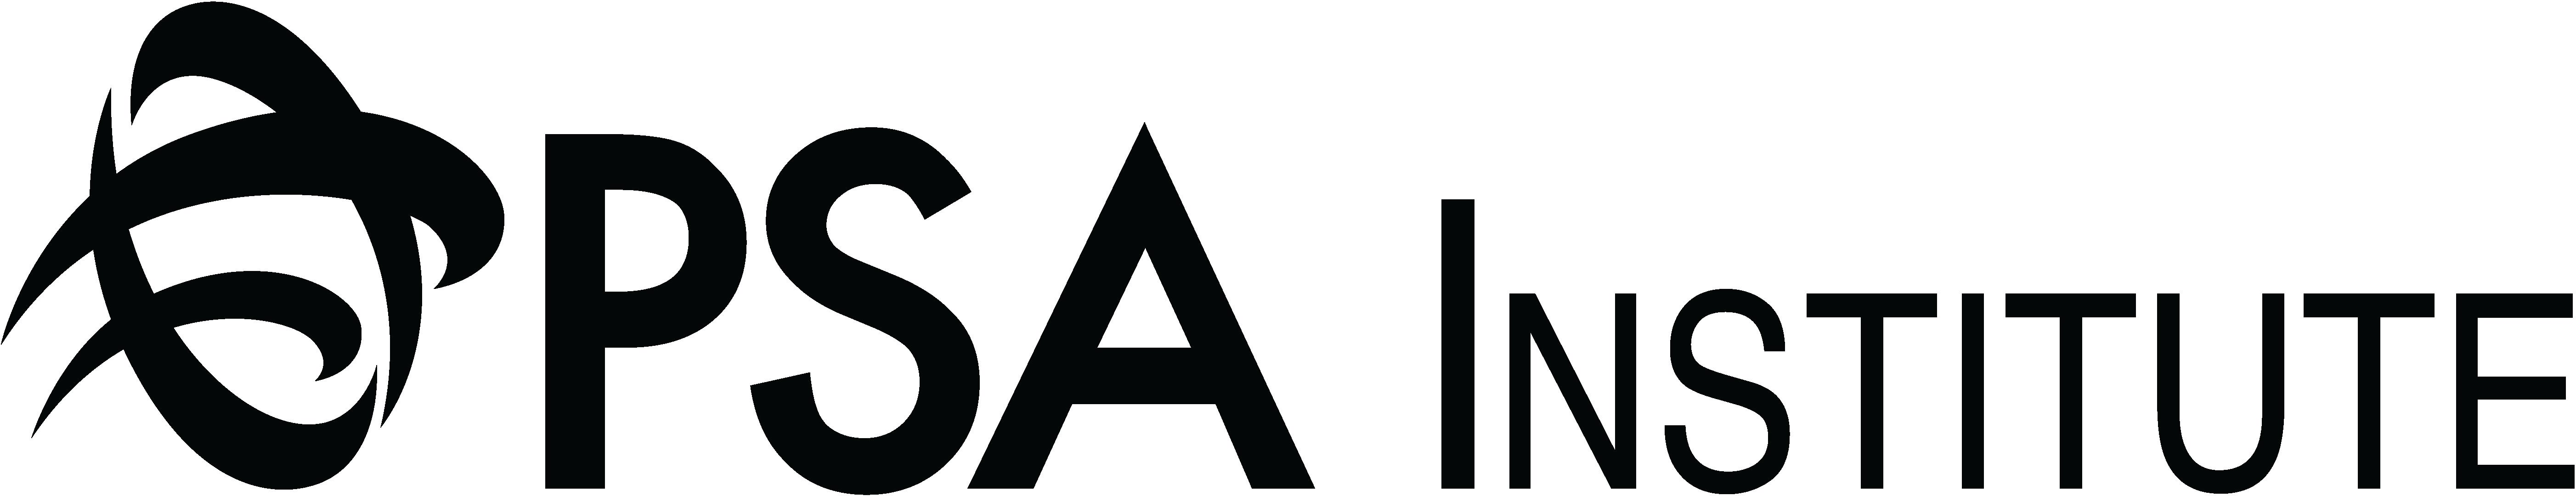 PSA INSTITUTE Logo